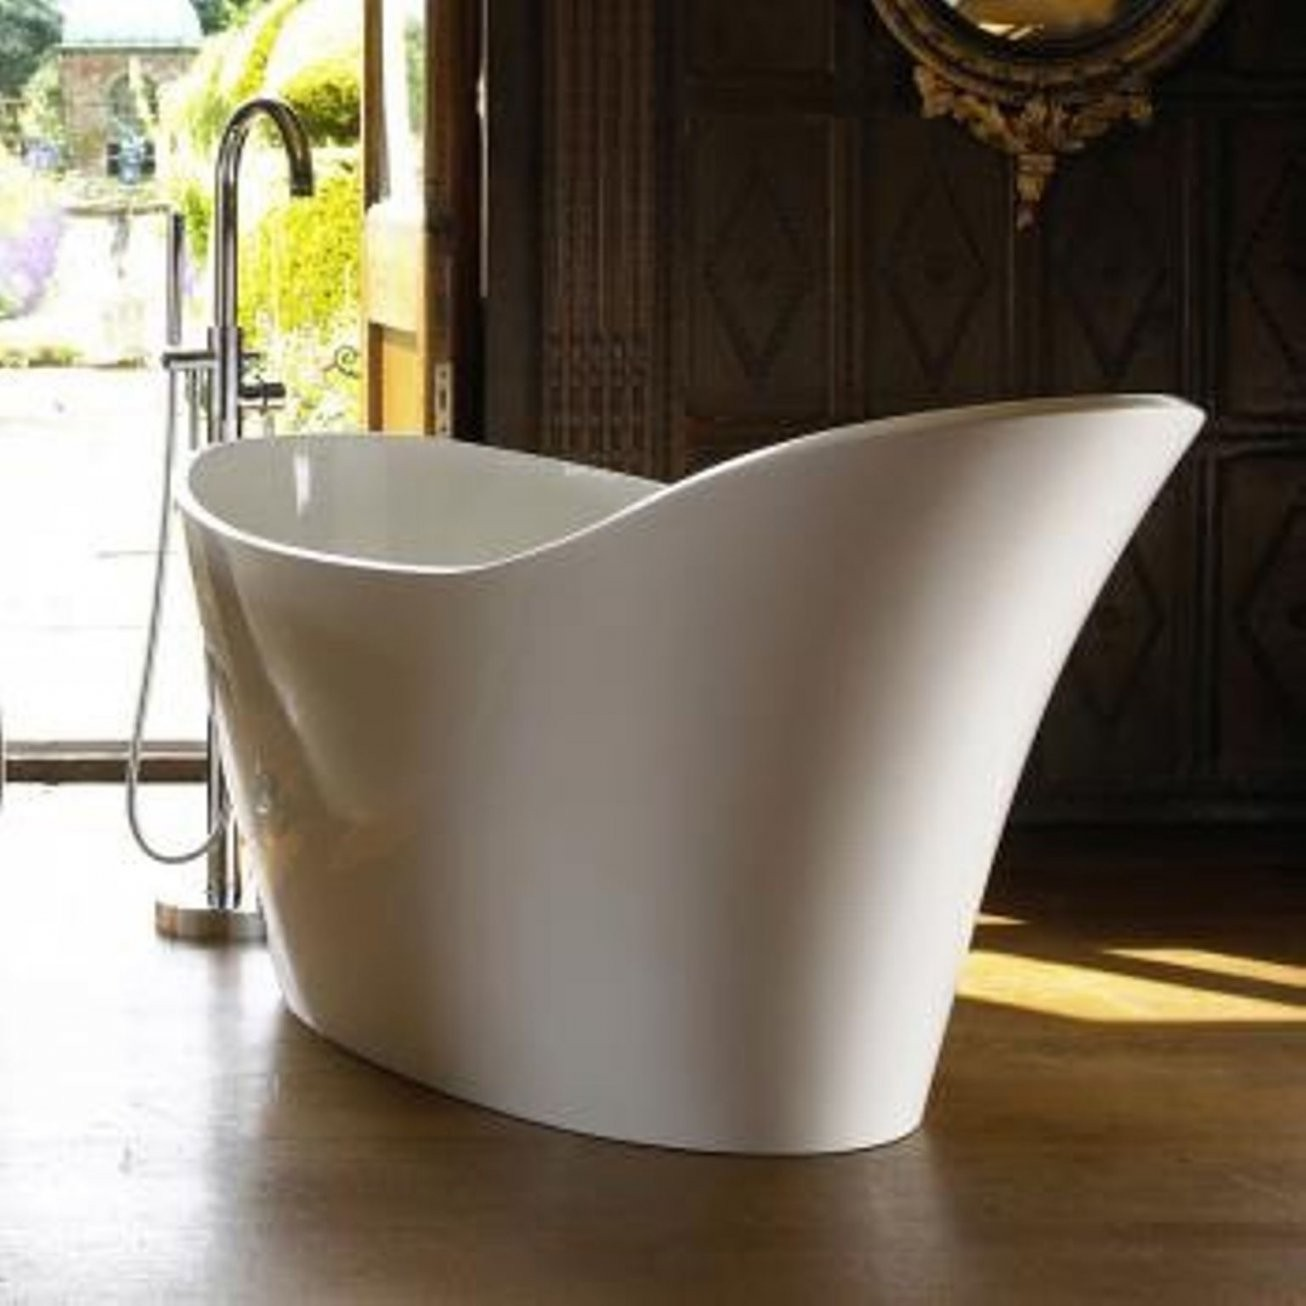 Freistehende Badewanne Gebraucht Kaufen Nur 4 St Bis 60% Günstiger von Freistehende Badewanne Gebraucht Kaufen Bild